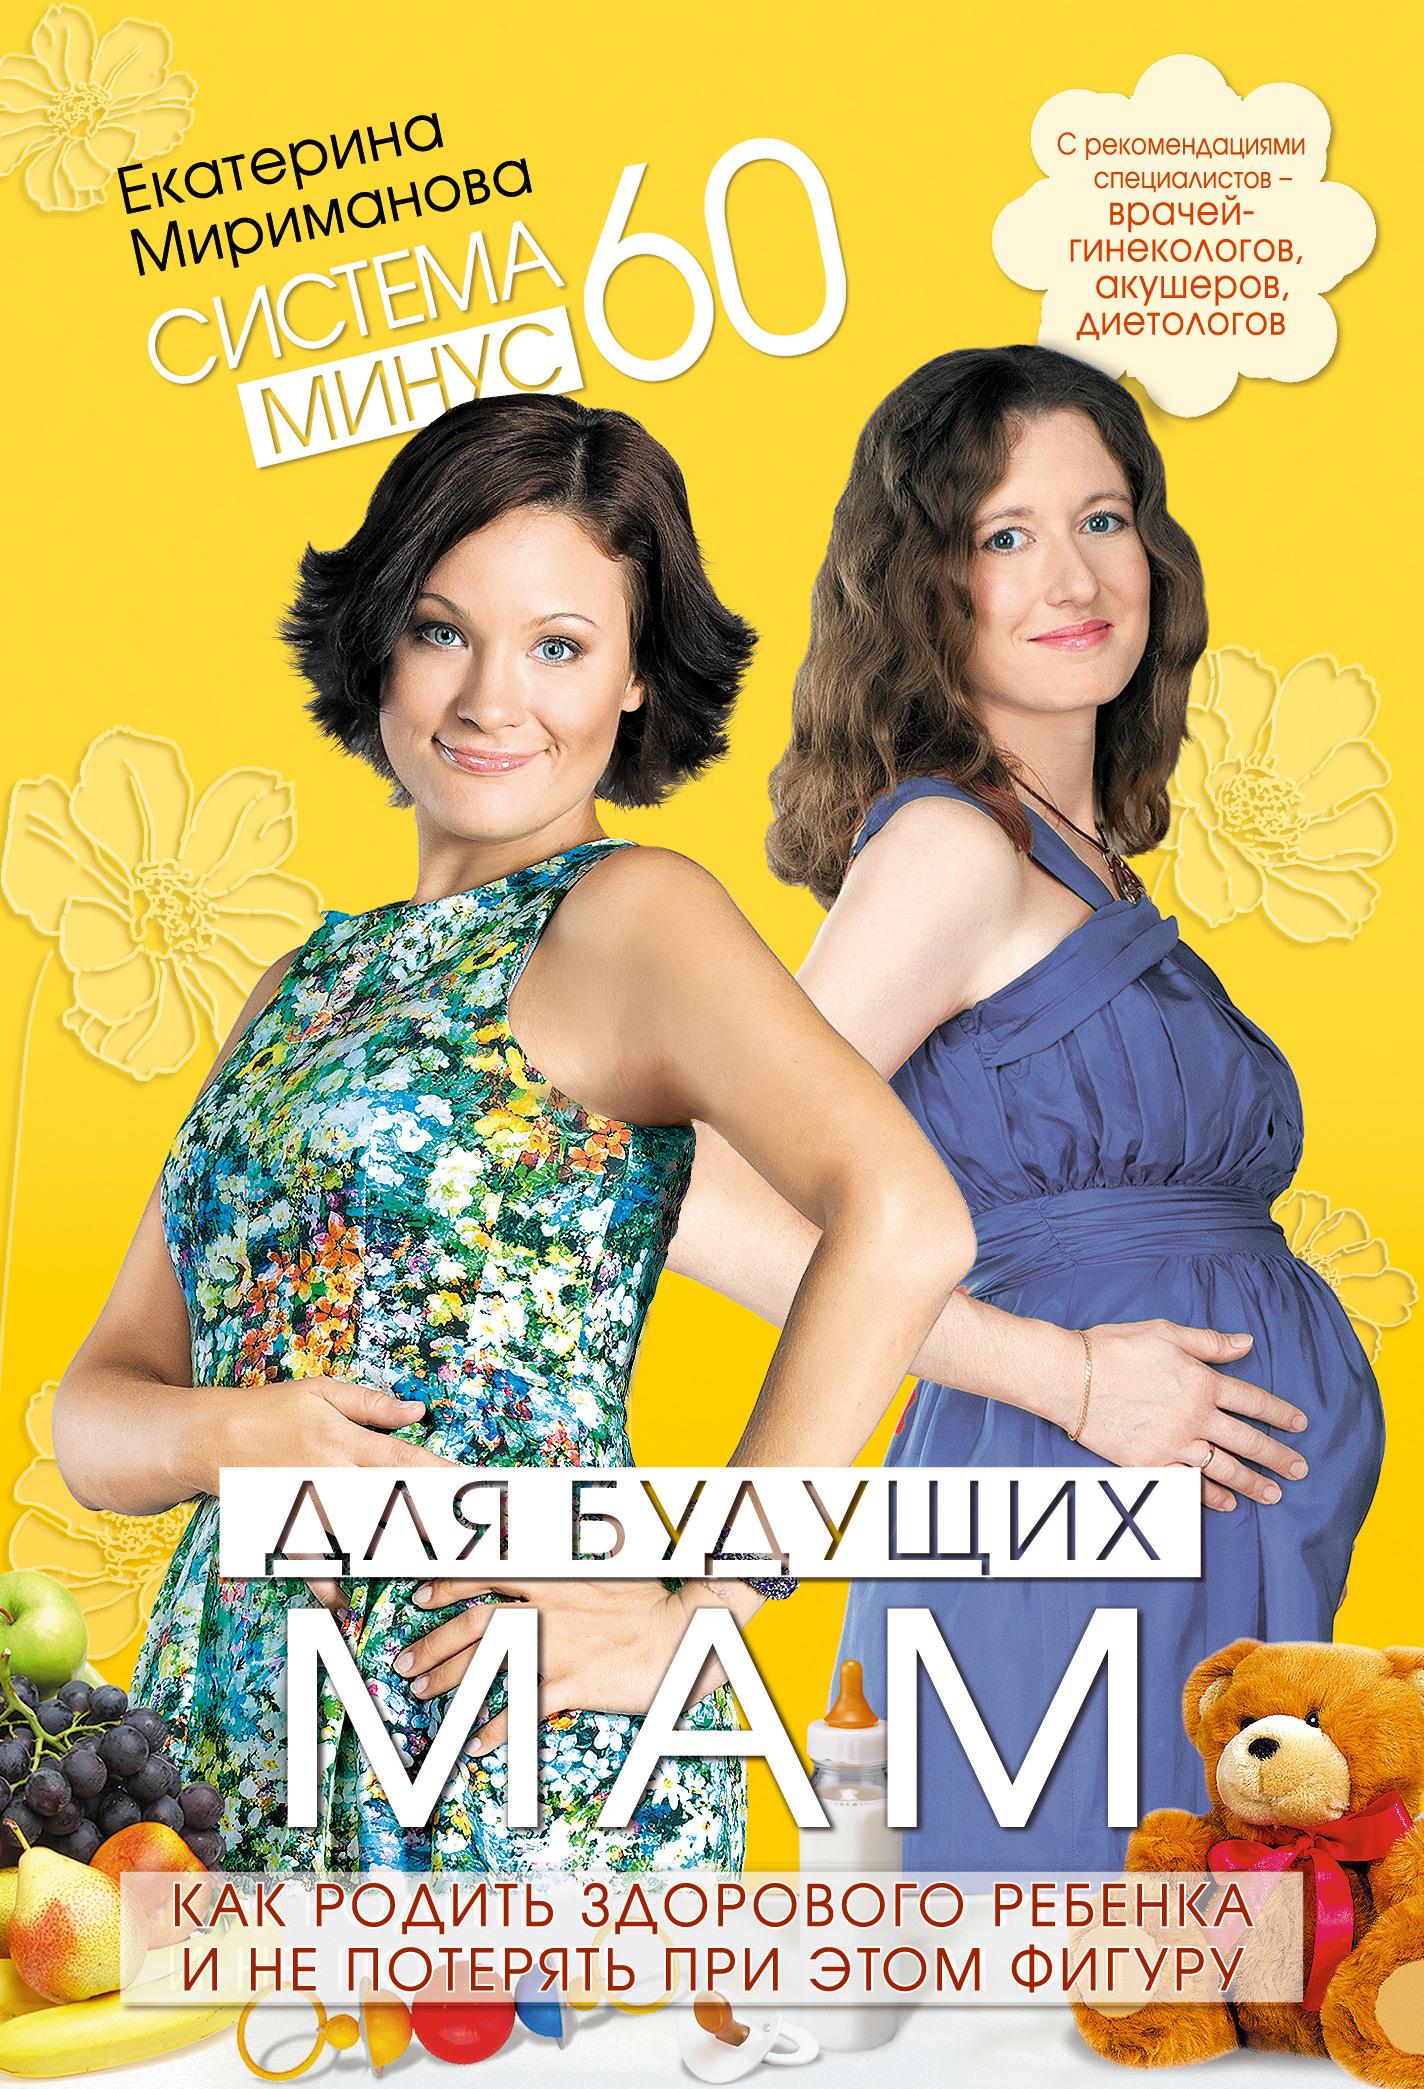 Екатерина Мириманова Система минус 60 для будущих мам. Как родить здорового ребенка и не потерять при этом фигуру